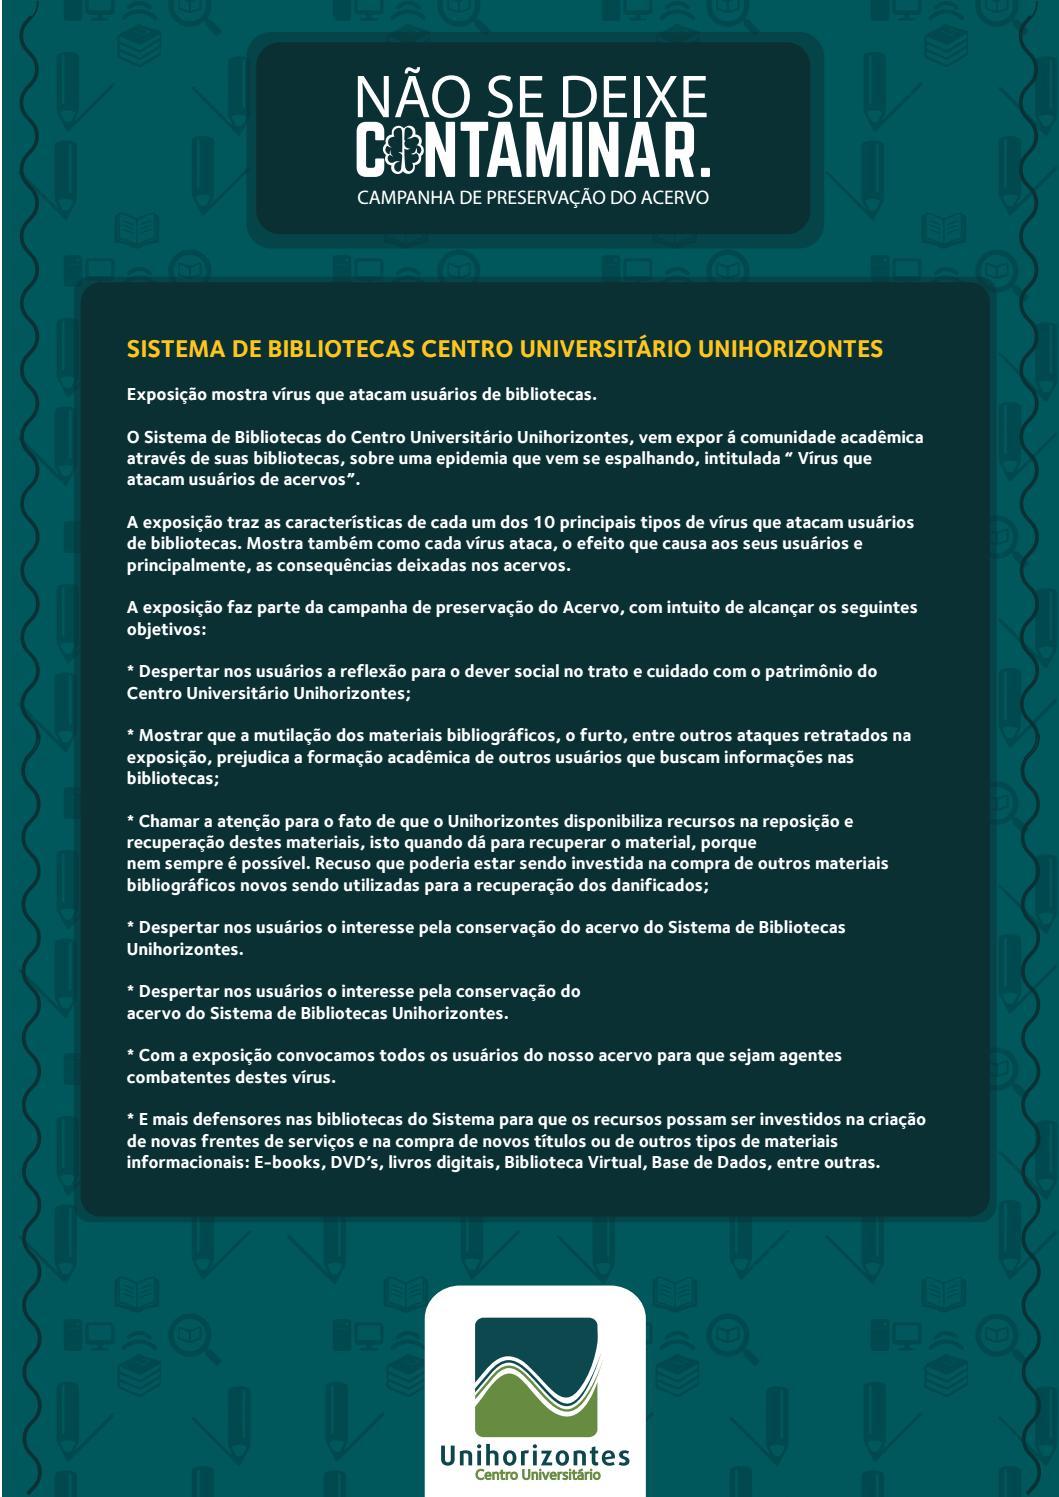 Preservação Do Património Natural: Preservação Do Acervo By Unihorizontes